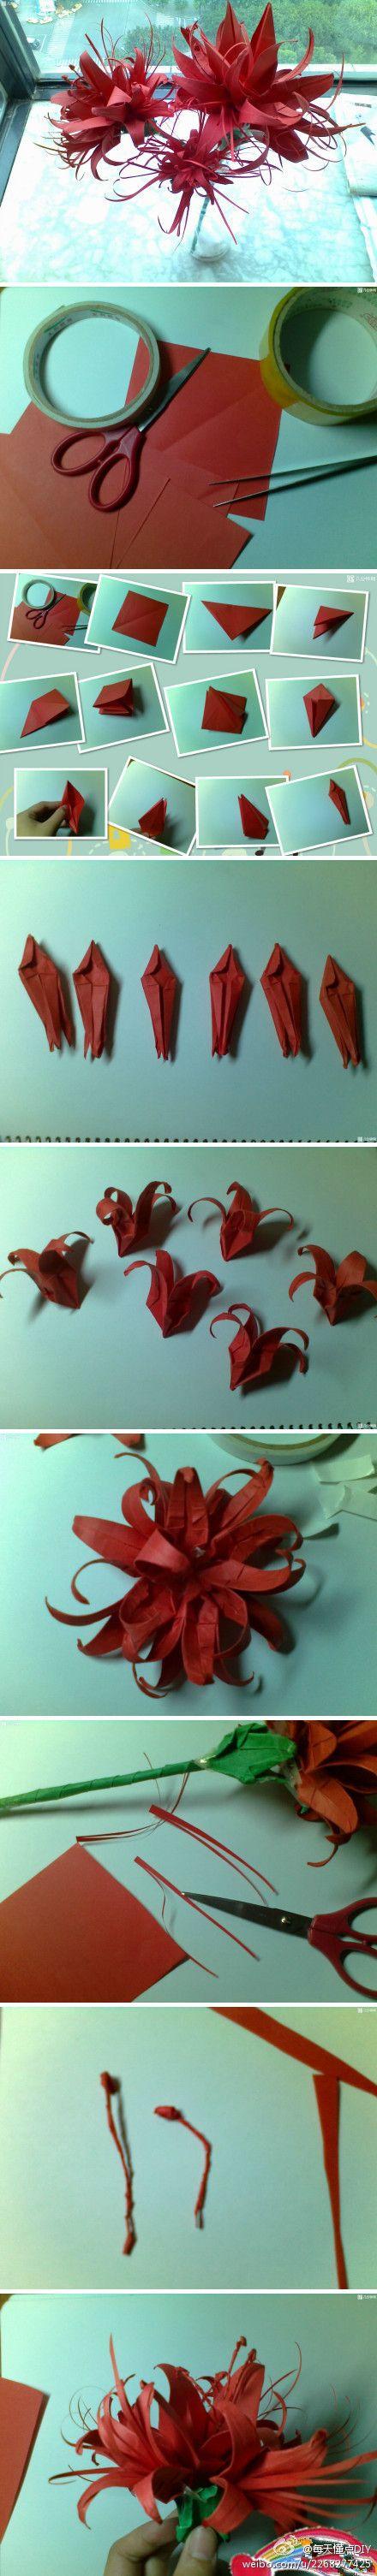 折纸花 - Origami red paper flower DIY Tutorial craft Decor idea cool ...